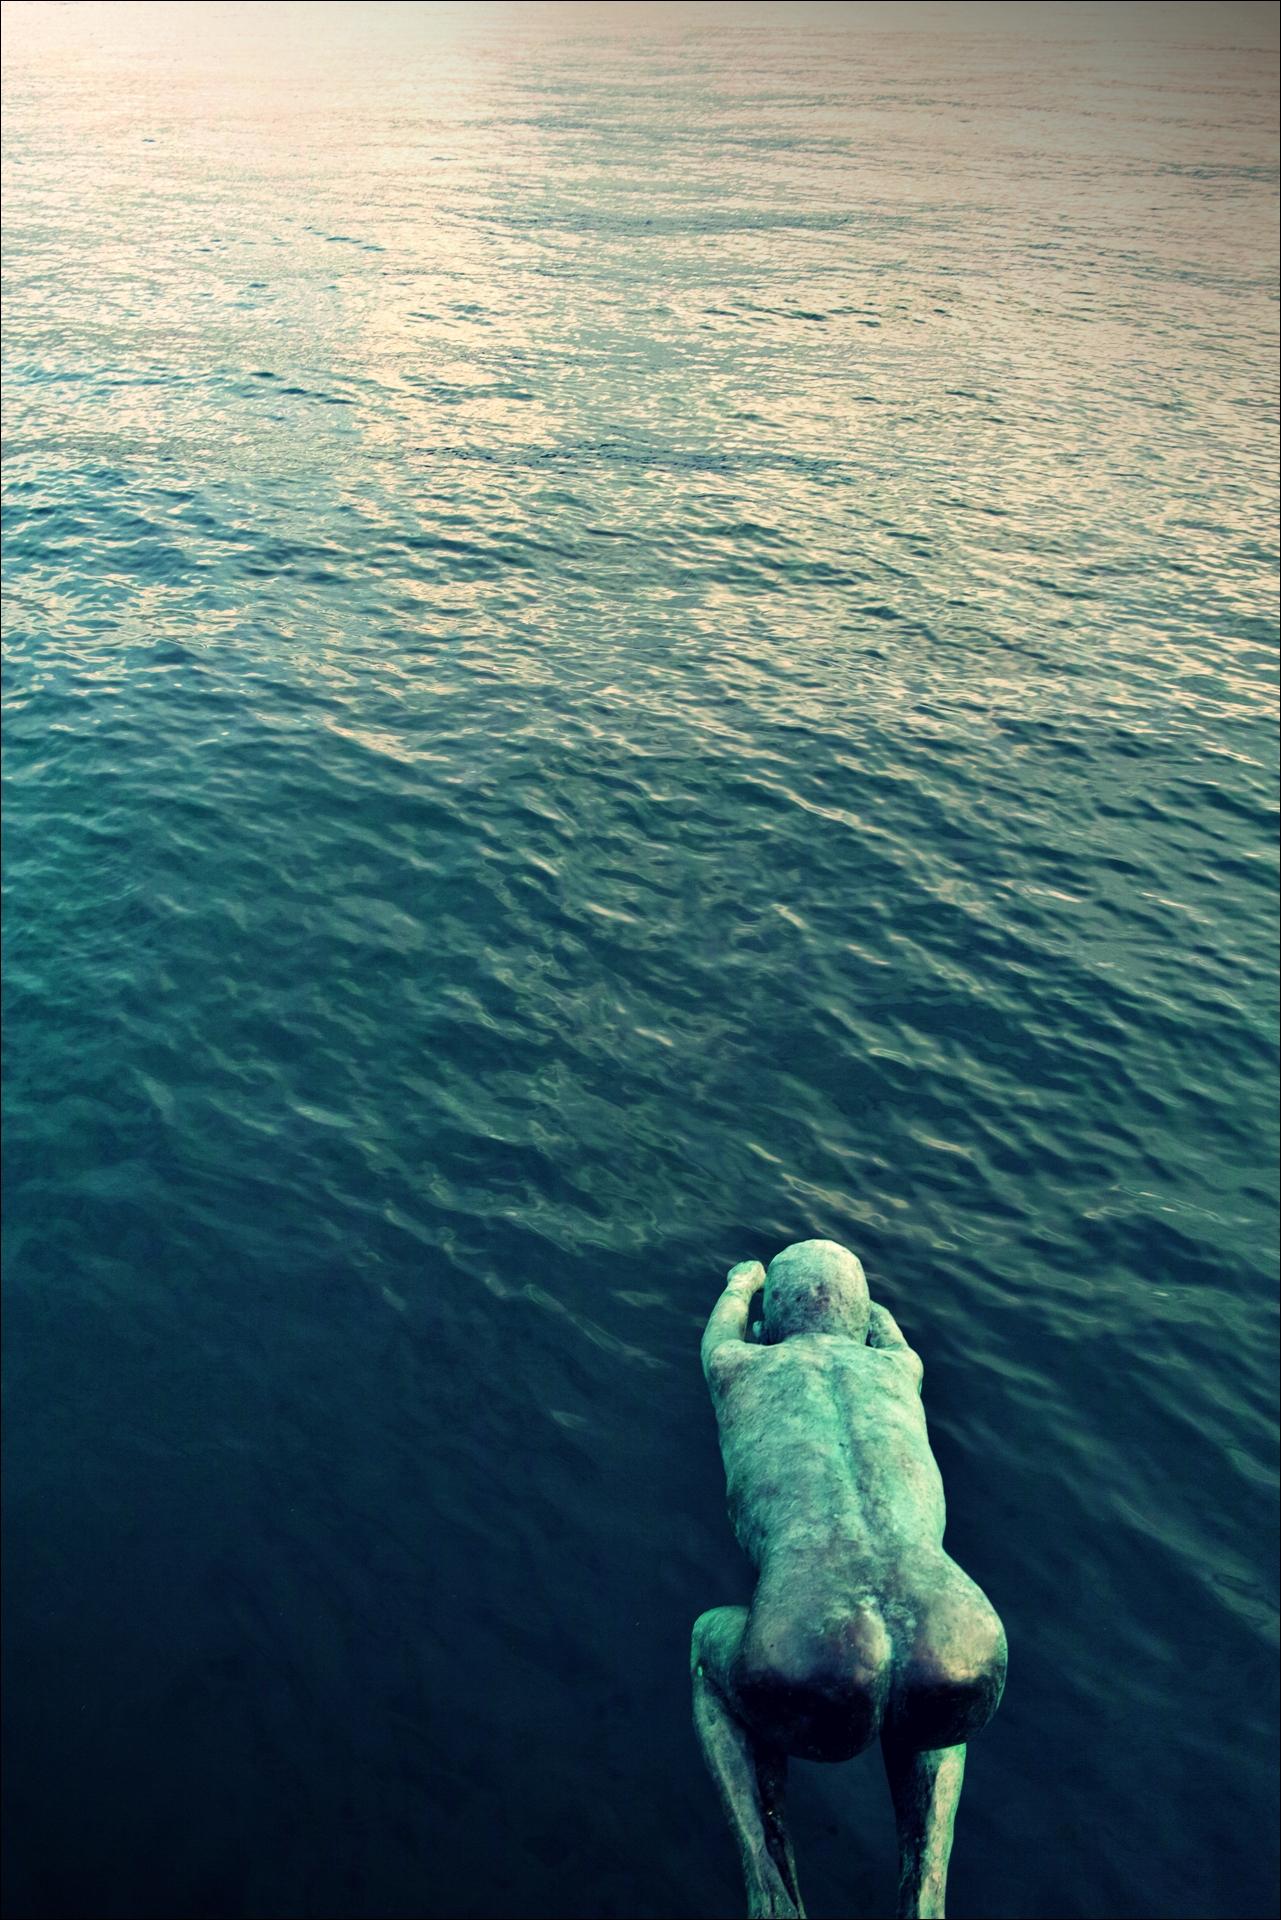 다이빙 동상-'산탄데르 둘러보기(Sightseeing Santander)'